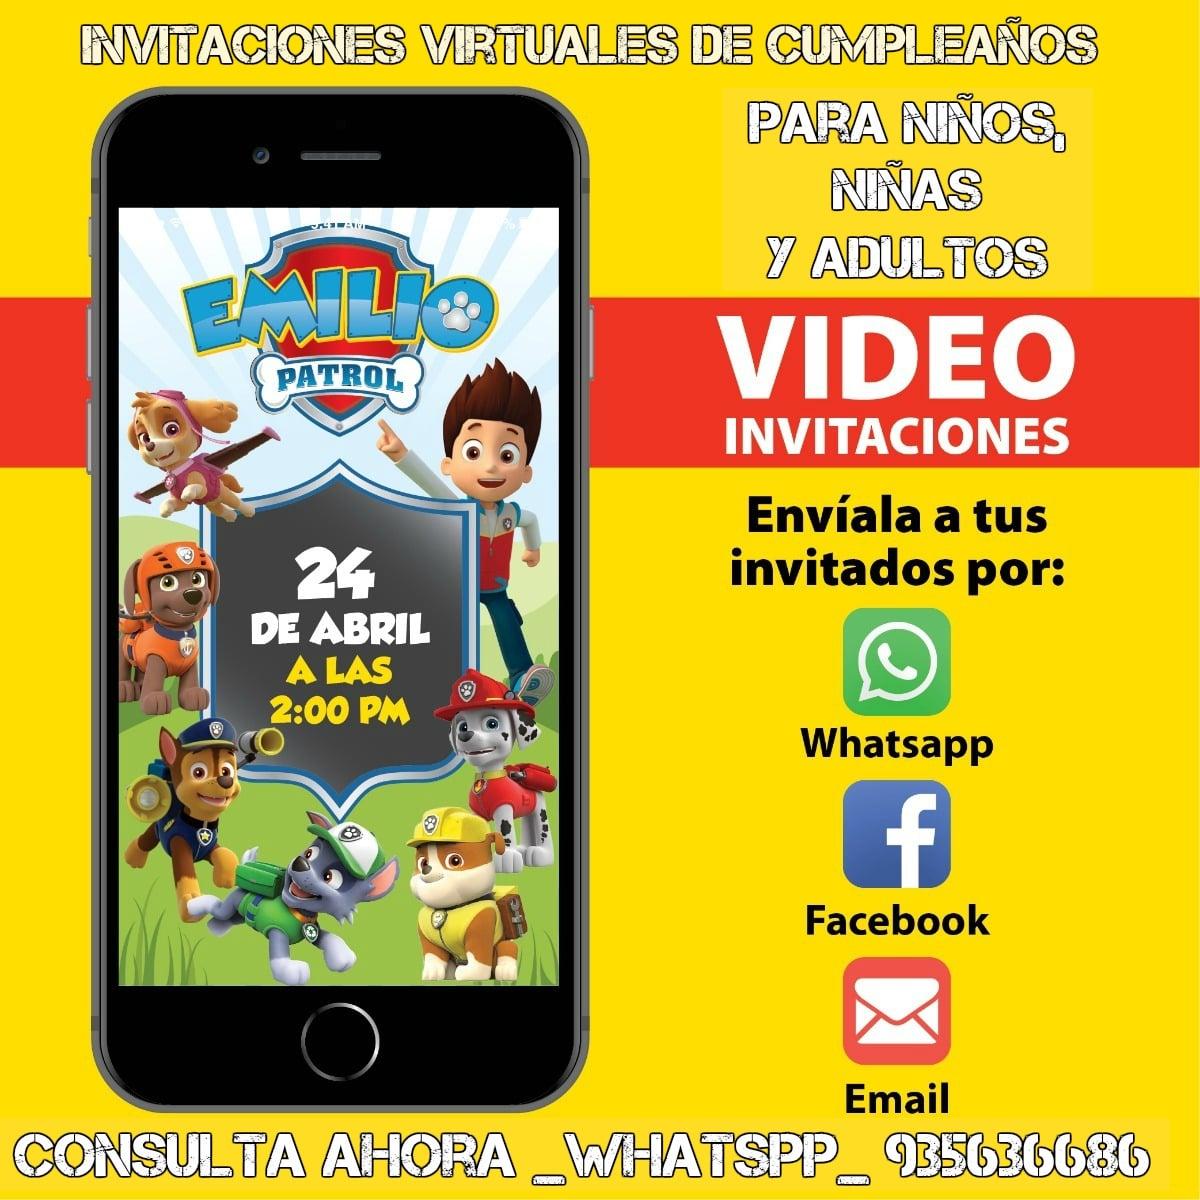 VÍDEO DE CUMPLEAÑOS